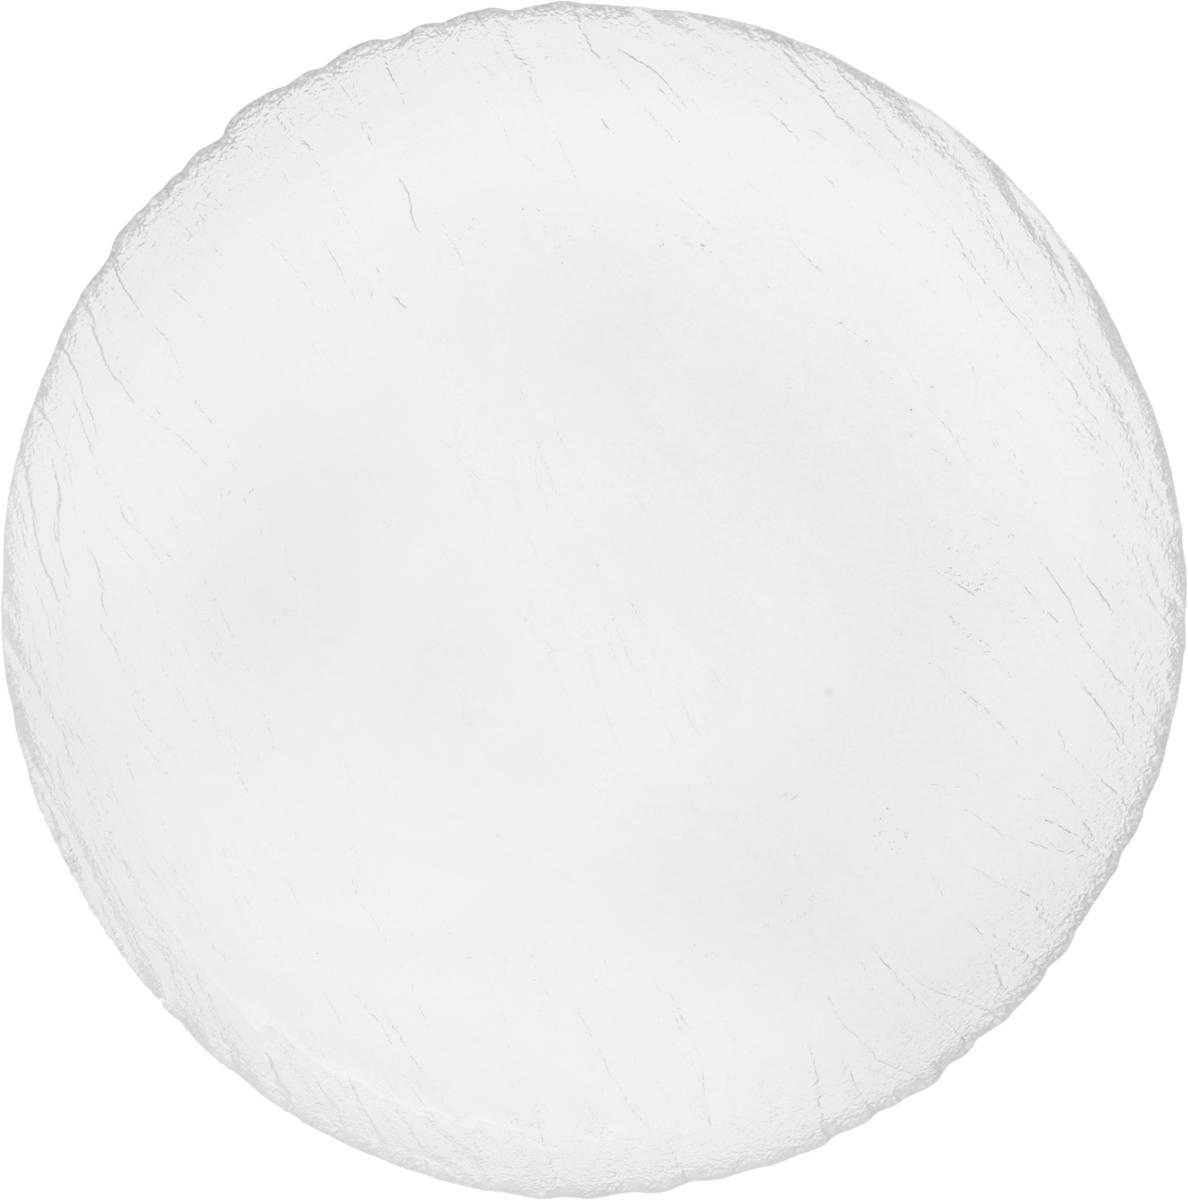 Тарелка обеденная OSZ Вулкан, цвет: прозрачный, диаметр 25 см16C1903Обеденная тарелка OSZ Вулкан изготовлена из высококачественного стекла. Изделие имеет рельефную наружную поверхность. Тарелка прекрасно впишется в интерьер вашей кухни и станет достойным дополнением к кухонному инвентарю. Тарелка OSZ Вулкан подчеркнет прекрасный вкус хозяйки и станет отличным подарком. Можно мыть в посудомоечной машине и использовать в микроволновой печи.